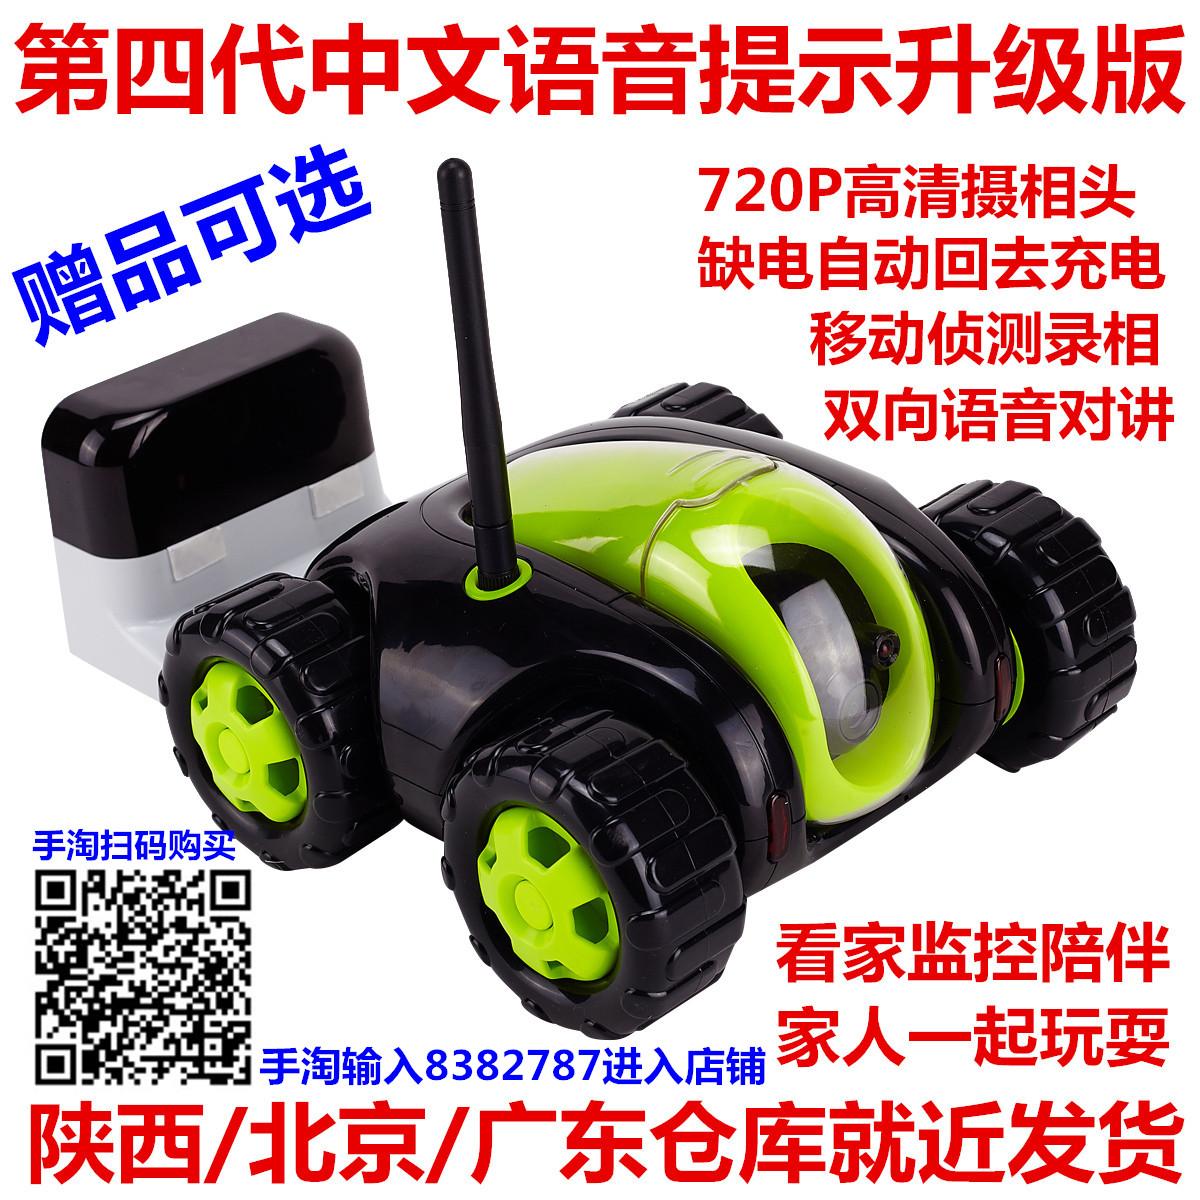 云伴手机远程遥控视频车行走摄像头宠物监控看家智能机器人玩具